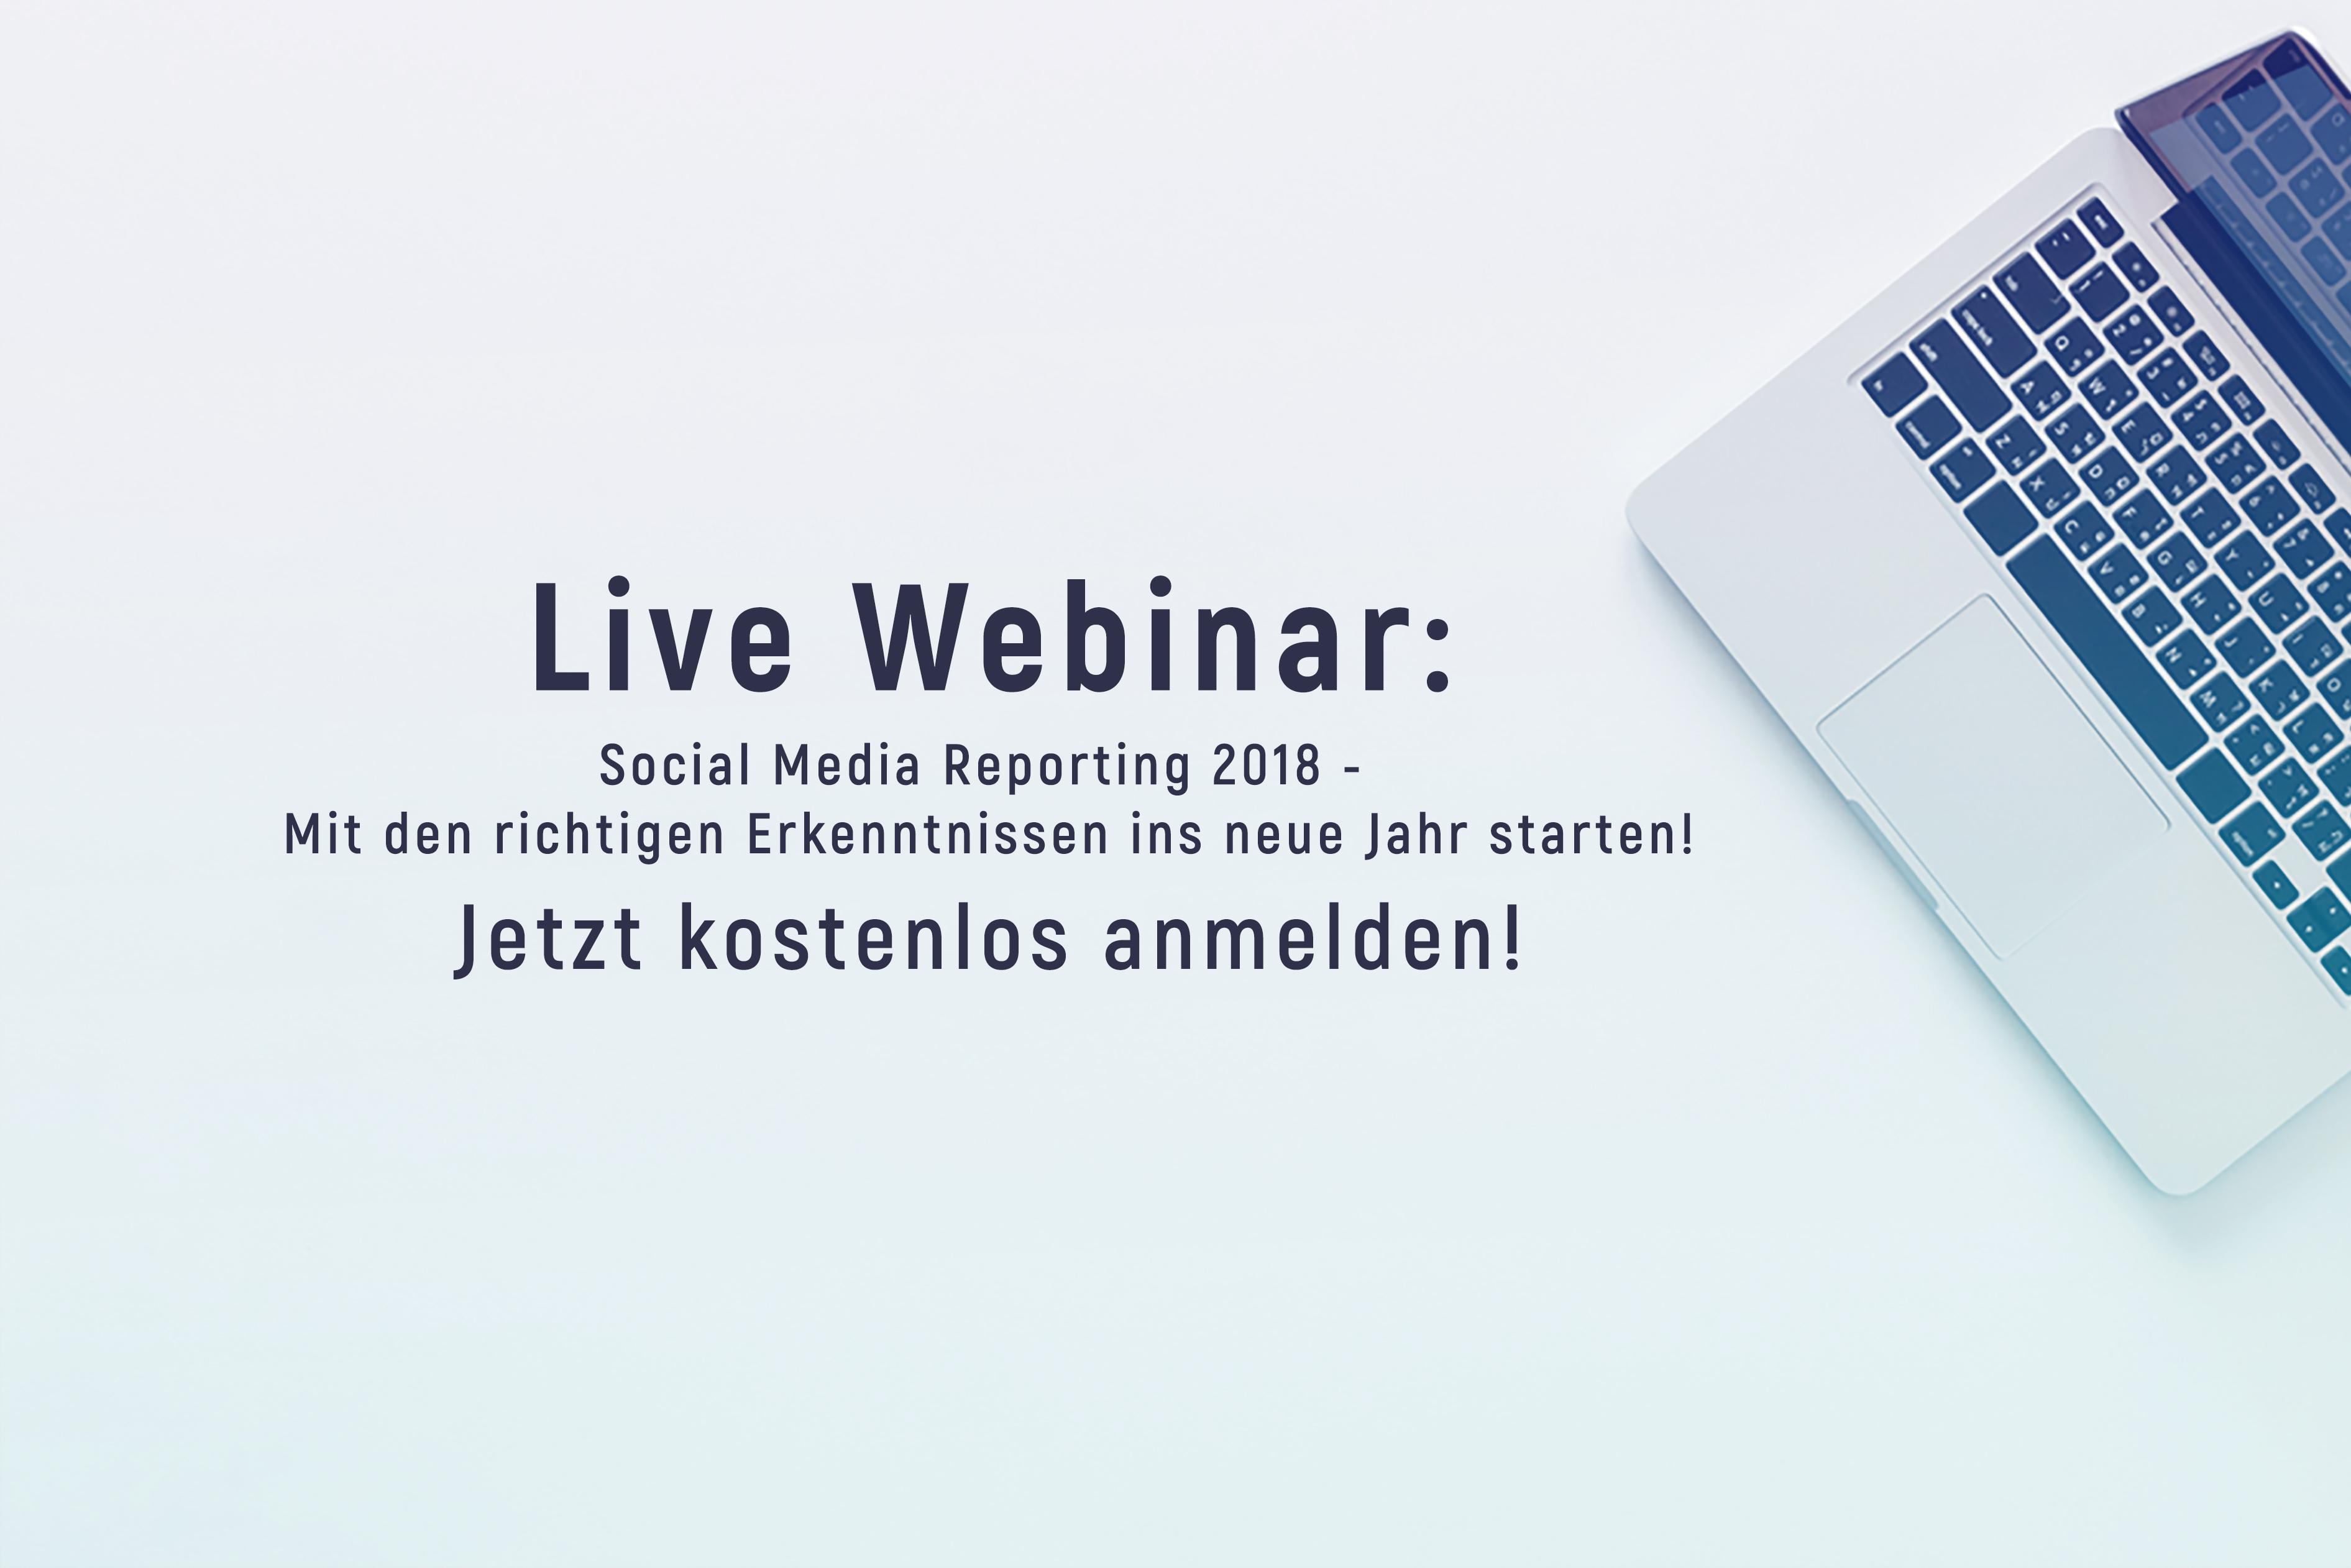 Social Media Reporting Webinar